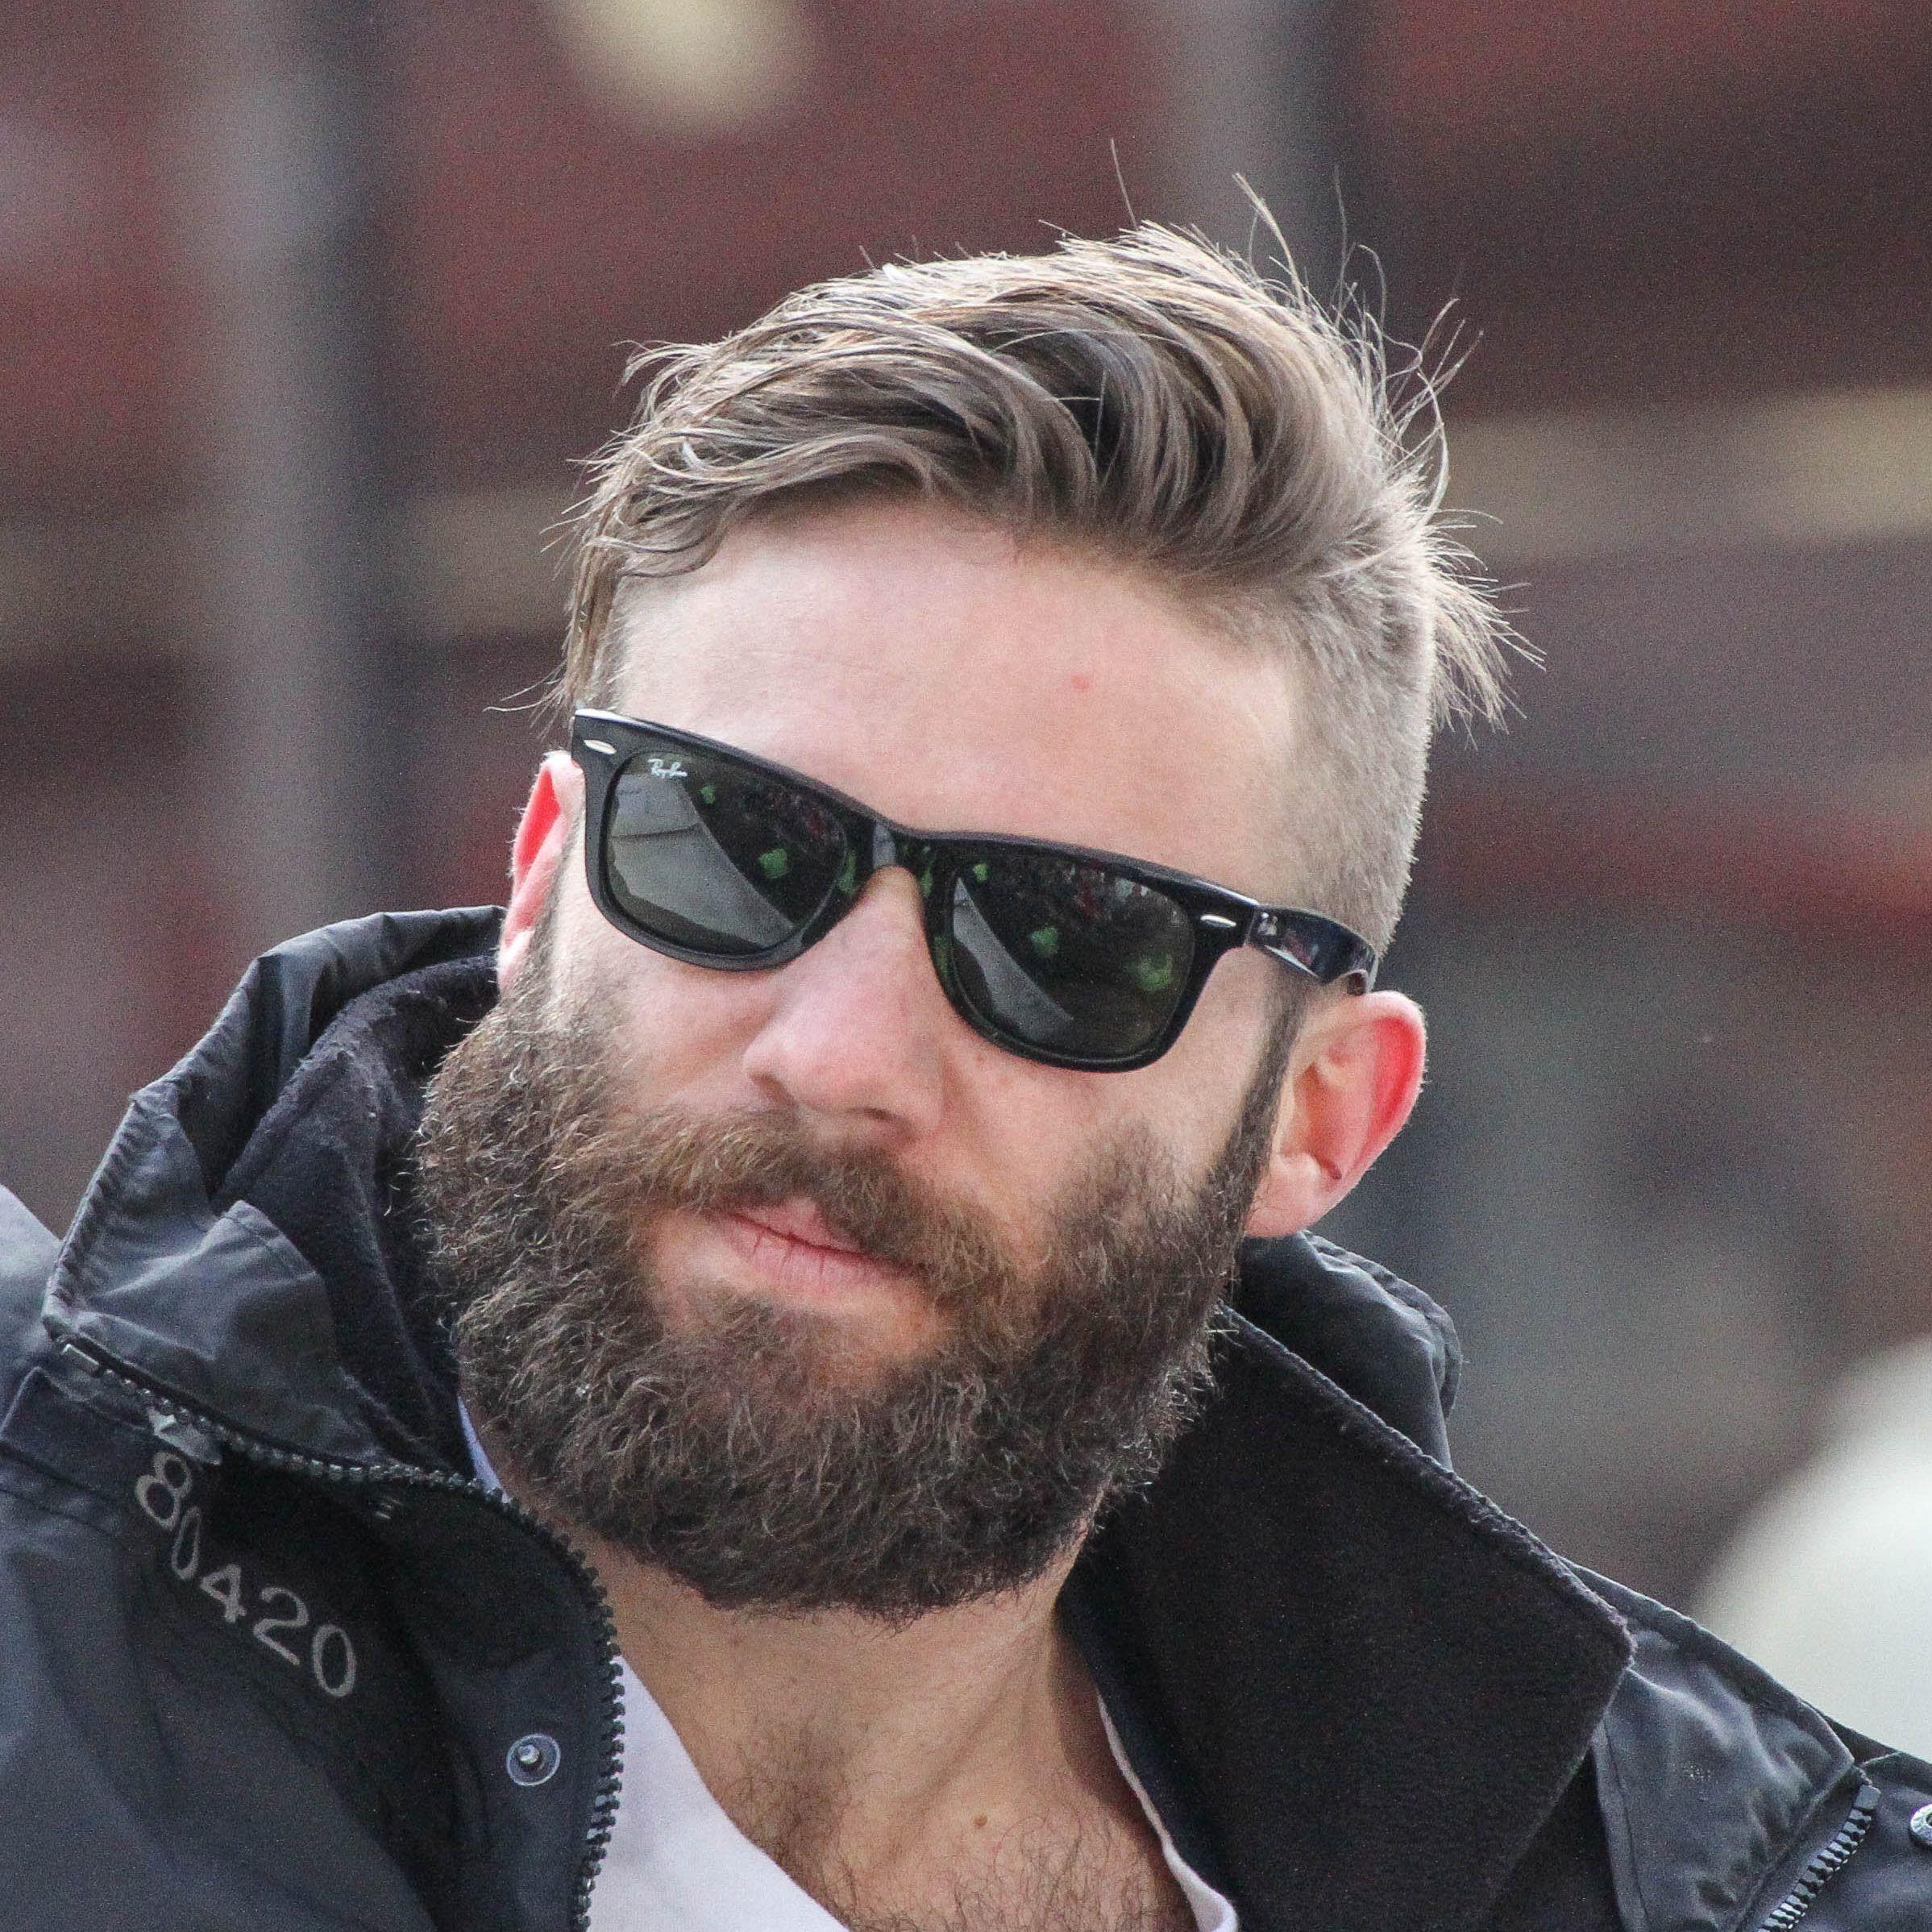 Julian Edelman Haircut In 2020 Julian Edelman Julian Edelman Beard Mens Hairstyles